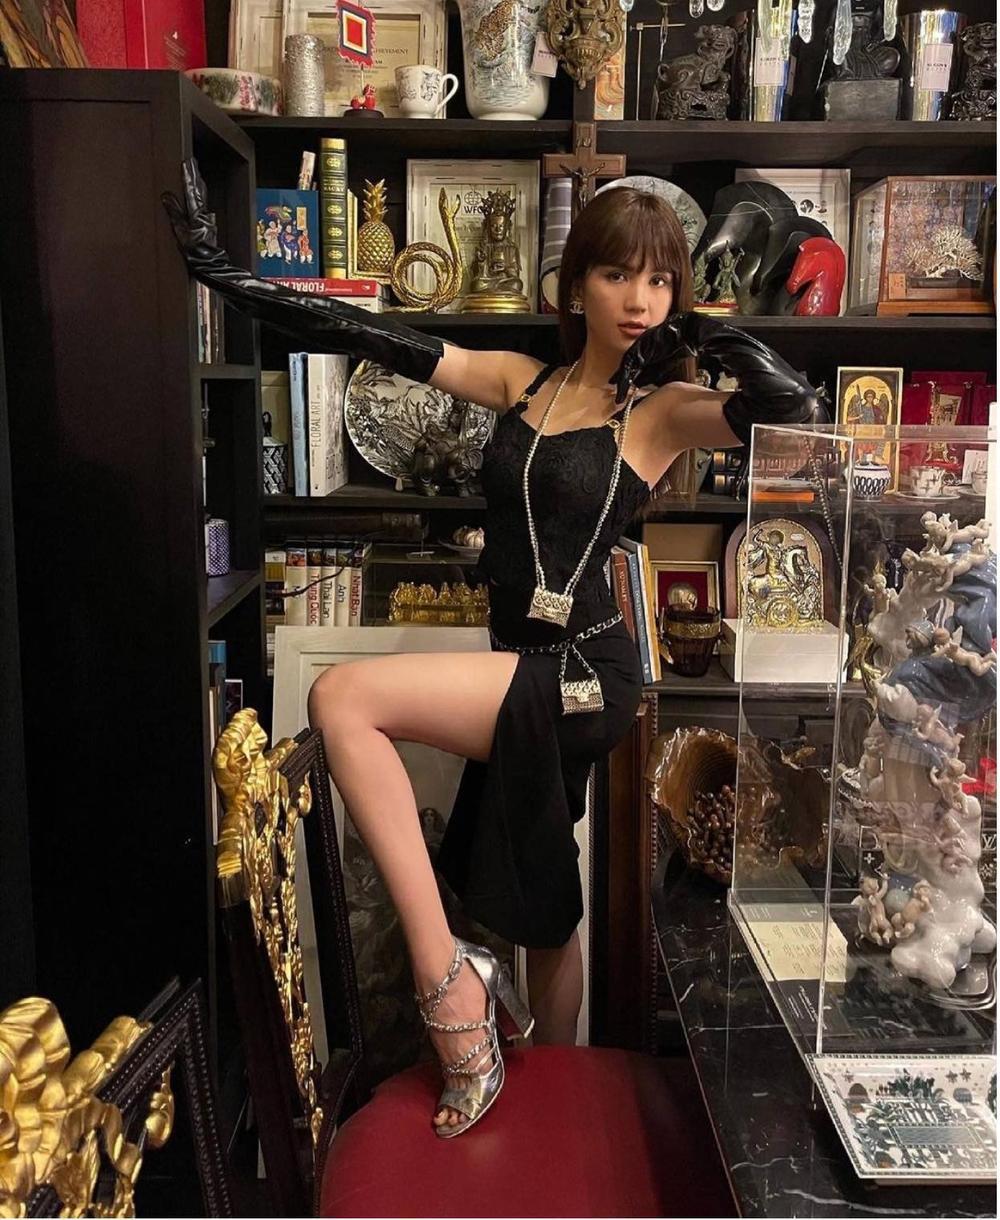 Ngọc Trinh khoe dáng 'nóng hổi' với váy đen huyền bí, loạt phụ kiện bắt mắt mới là đỉnh cao sang chảnh Ảnh 2